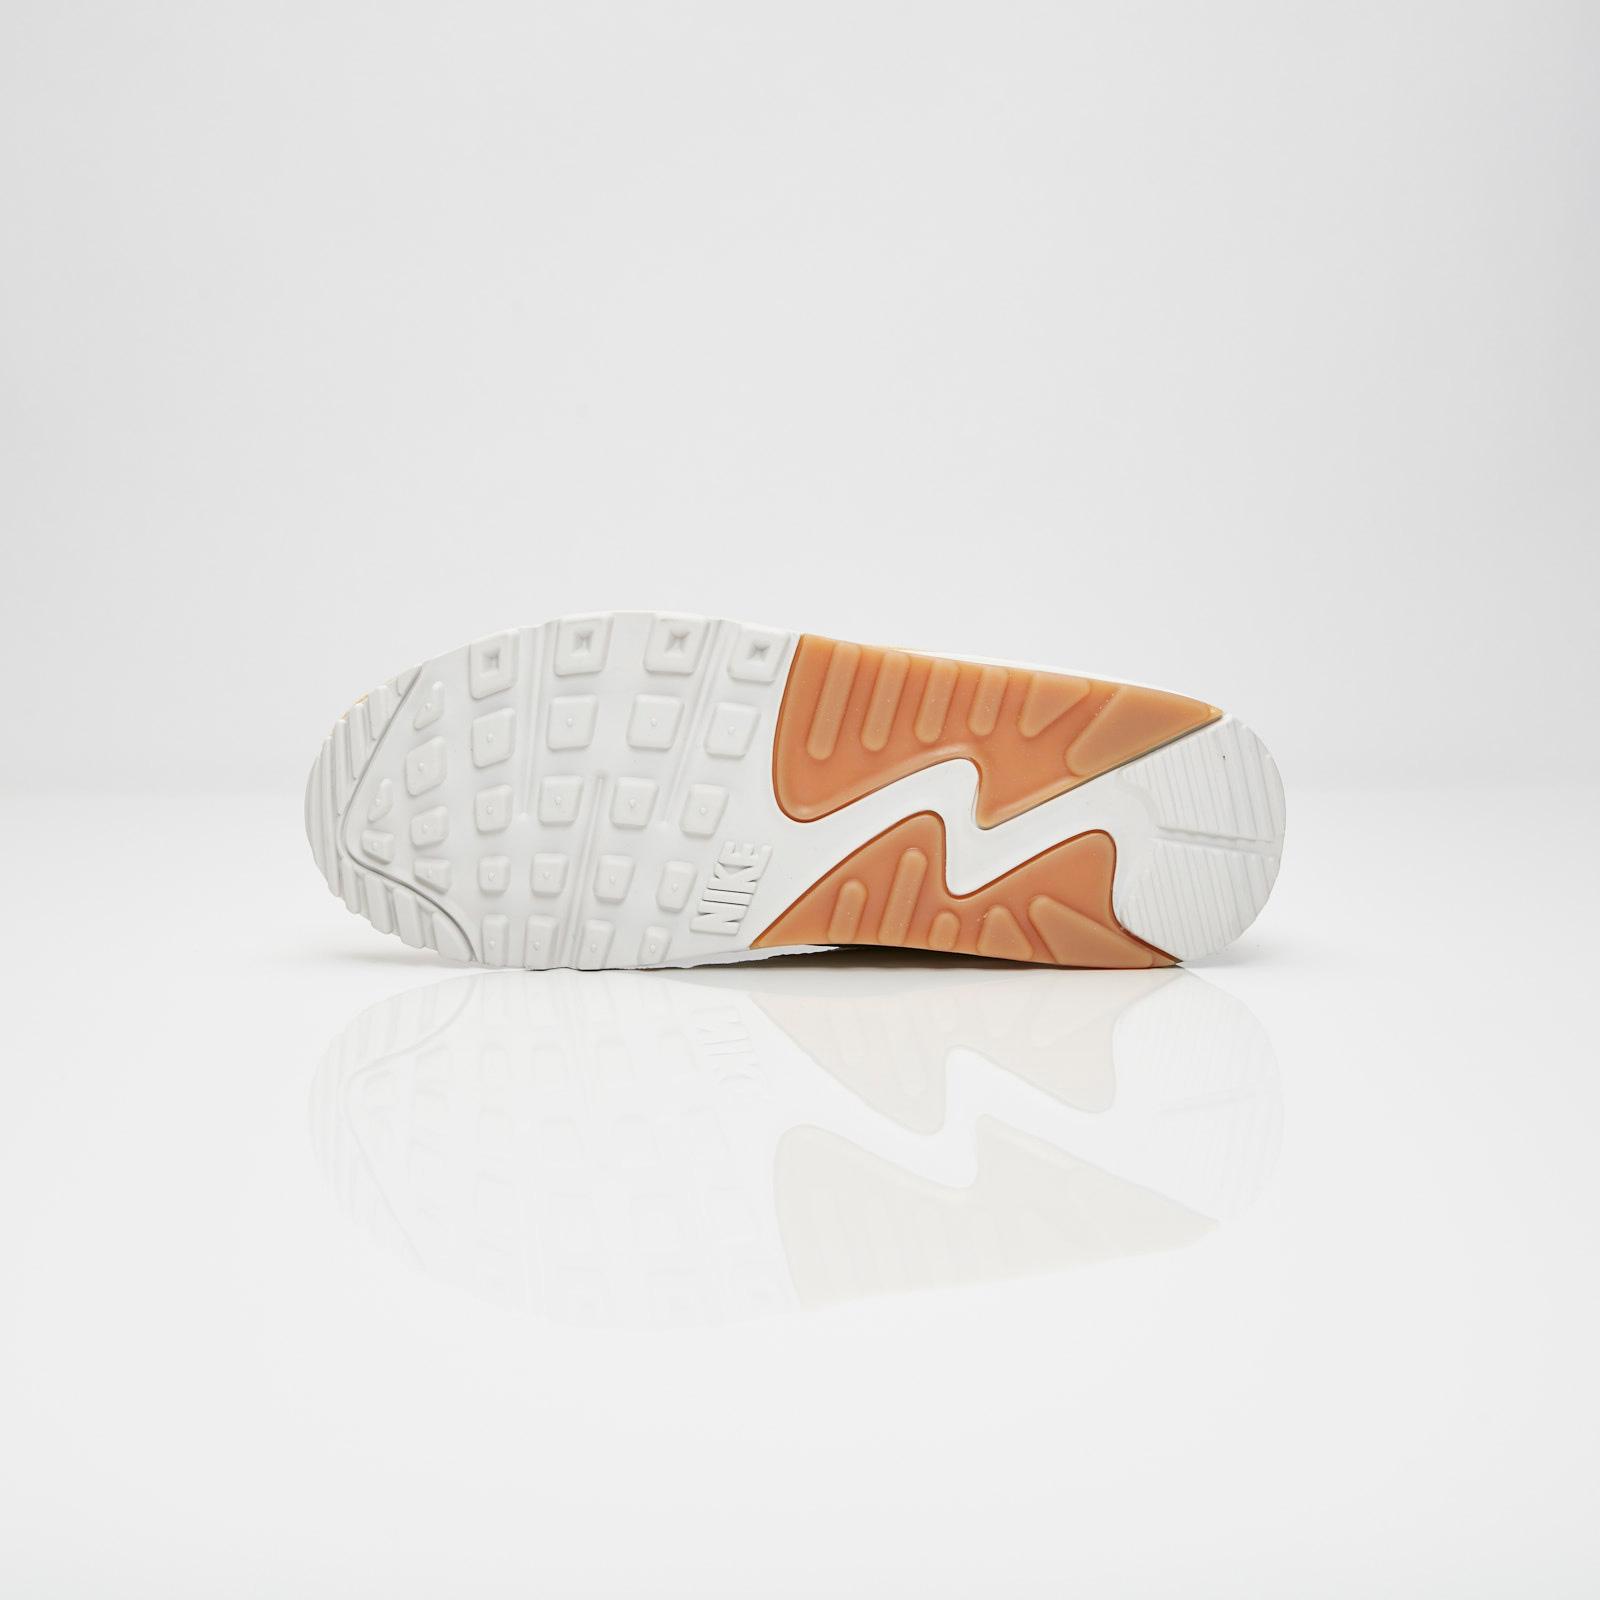 f6ab8f464dd30 Nike Wmns Air Max 90/1 - Aq1273-800 - Sneakersnstuff | sneakers ...